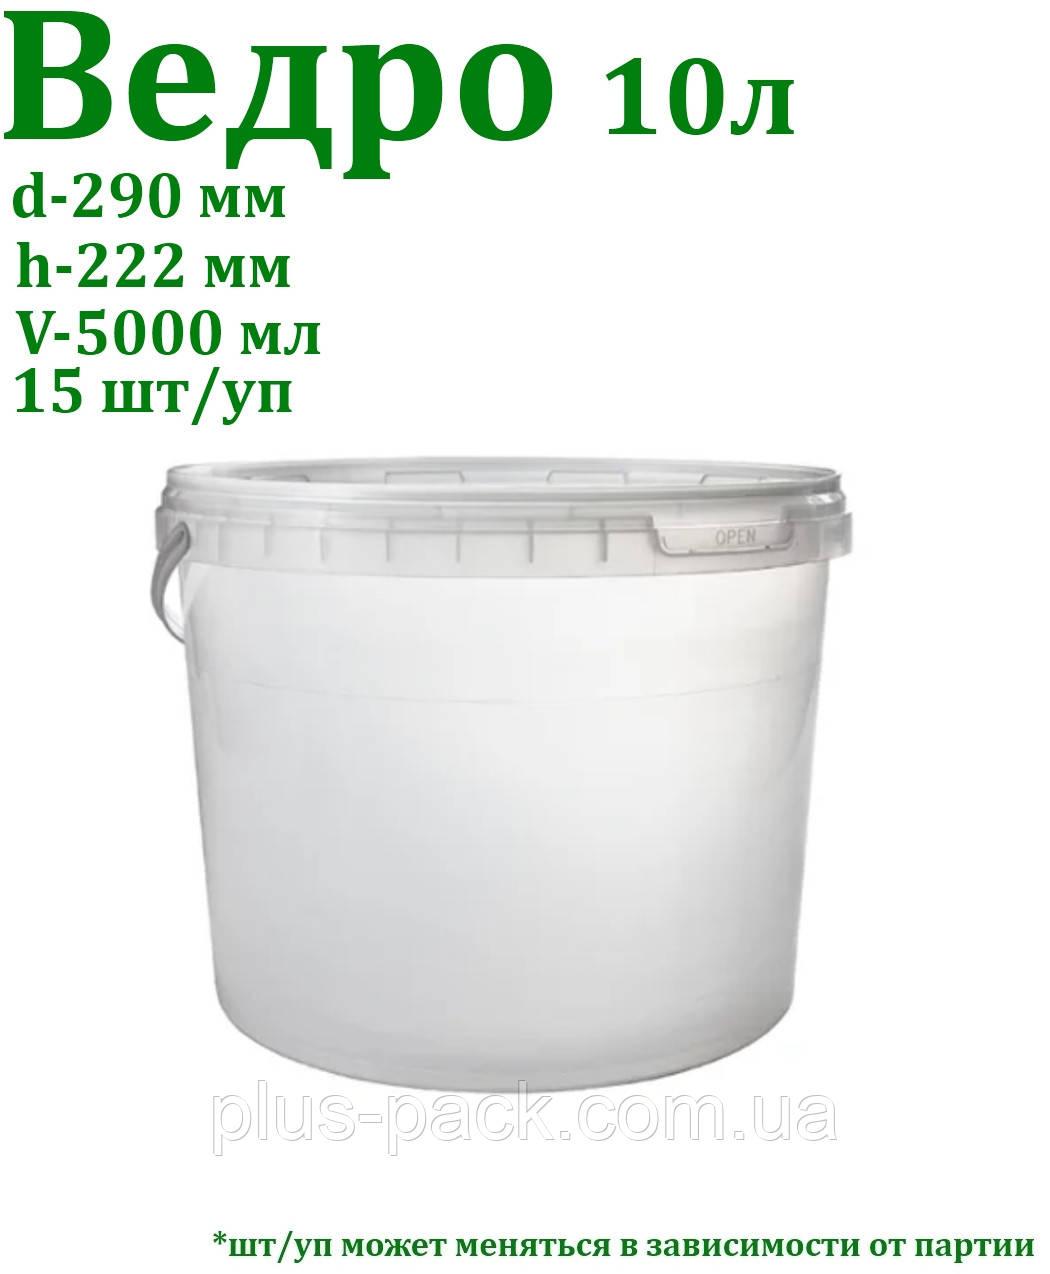 Відра пластикові харчові 11,2 л, 15шт/ящ